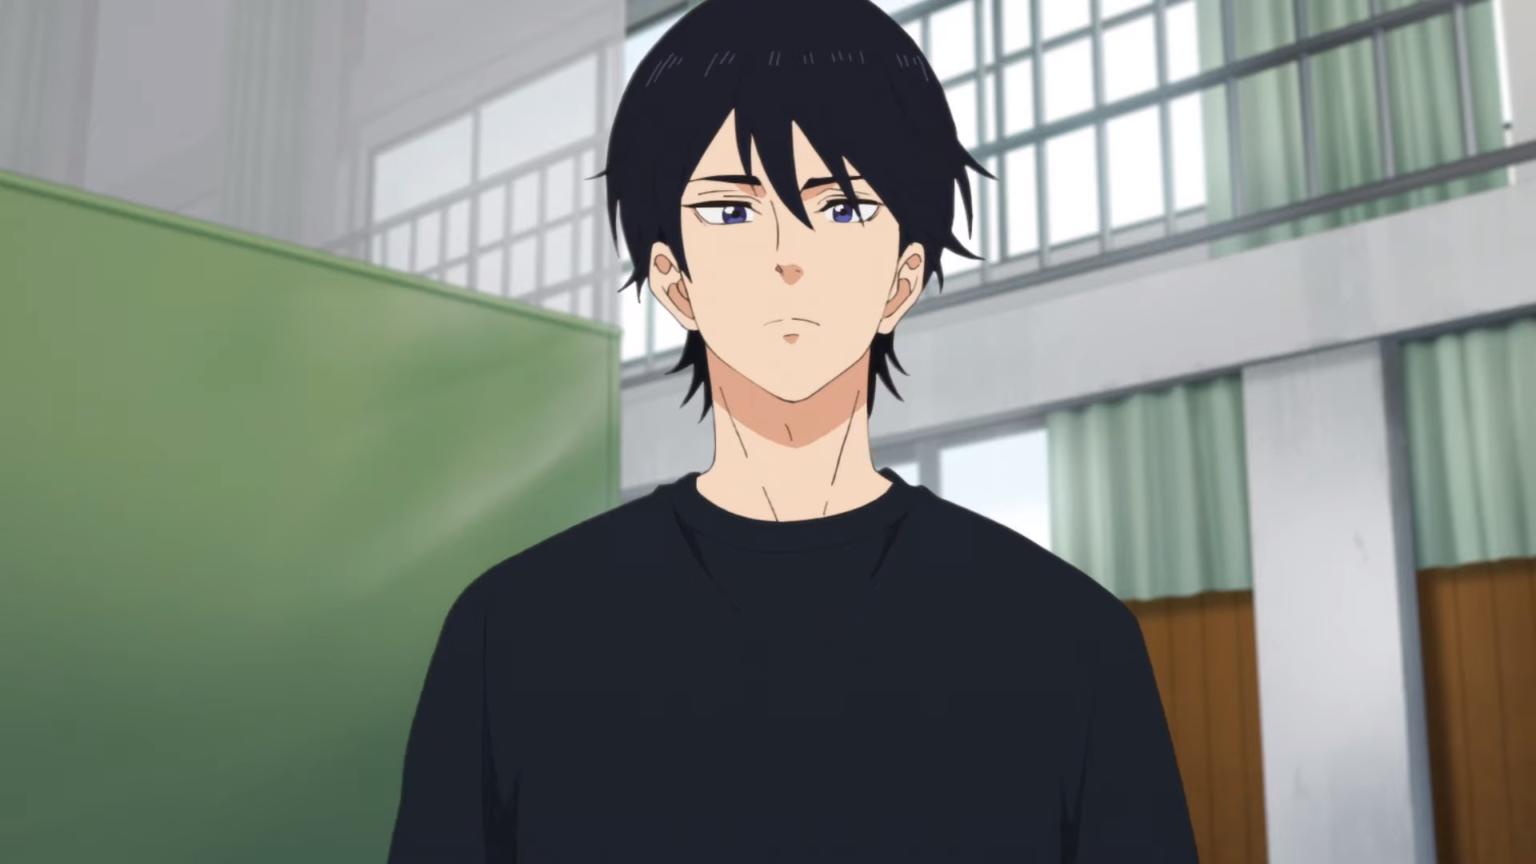 baku cover - Bakuten!! Animesinden Yeni Haberler Var! - Figurex Anime Haber